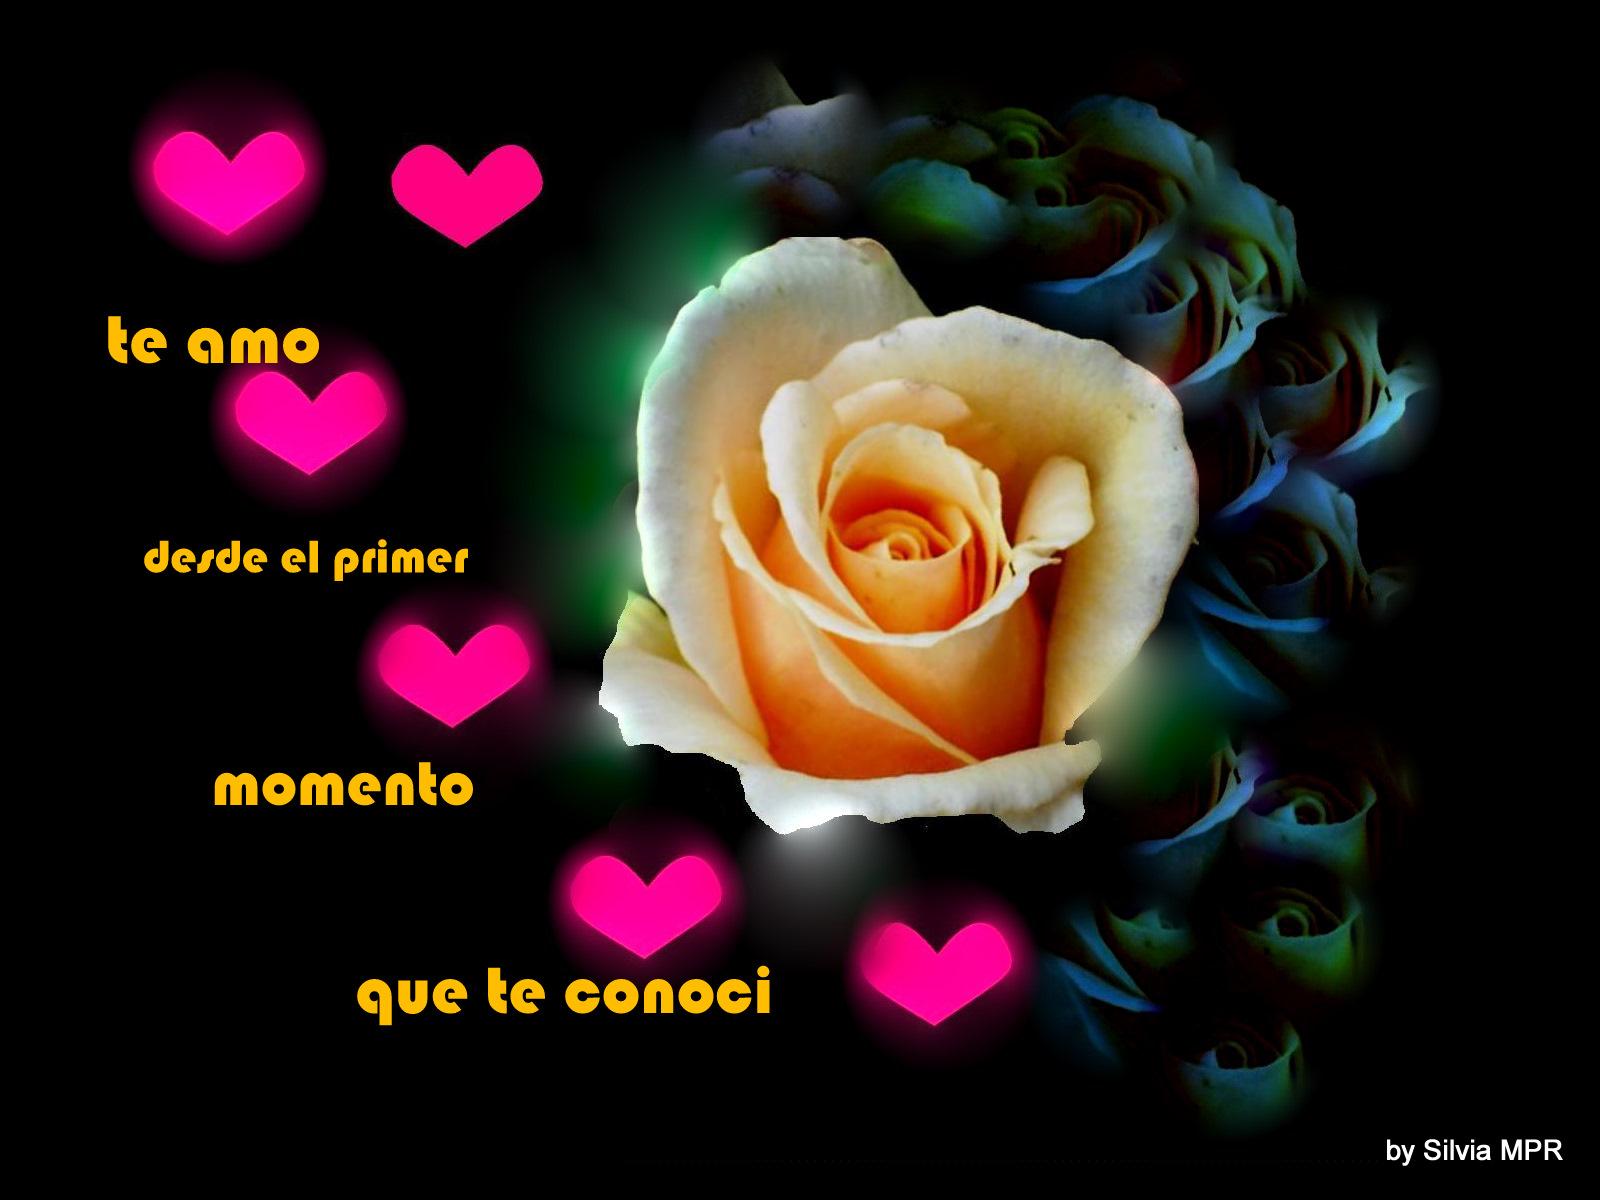 Imagenes De Amor Con Frases De Amor: IMAGENES Y FRASES DE AMOR: Junio 2011